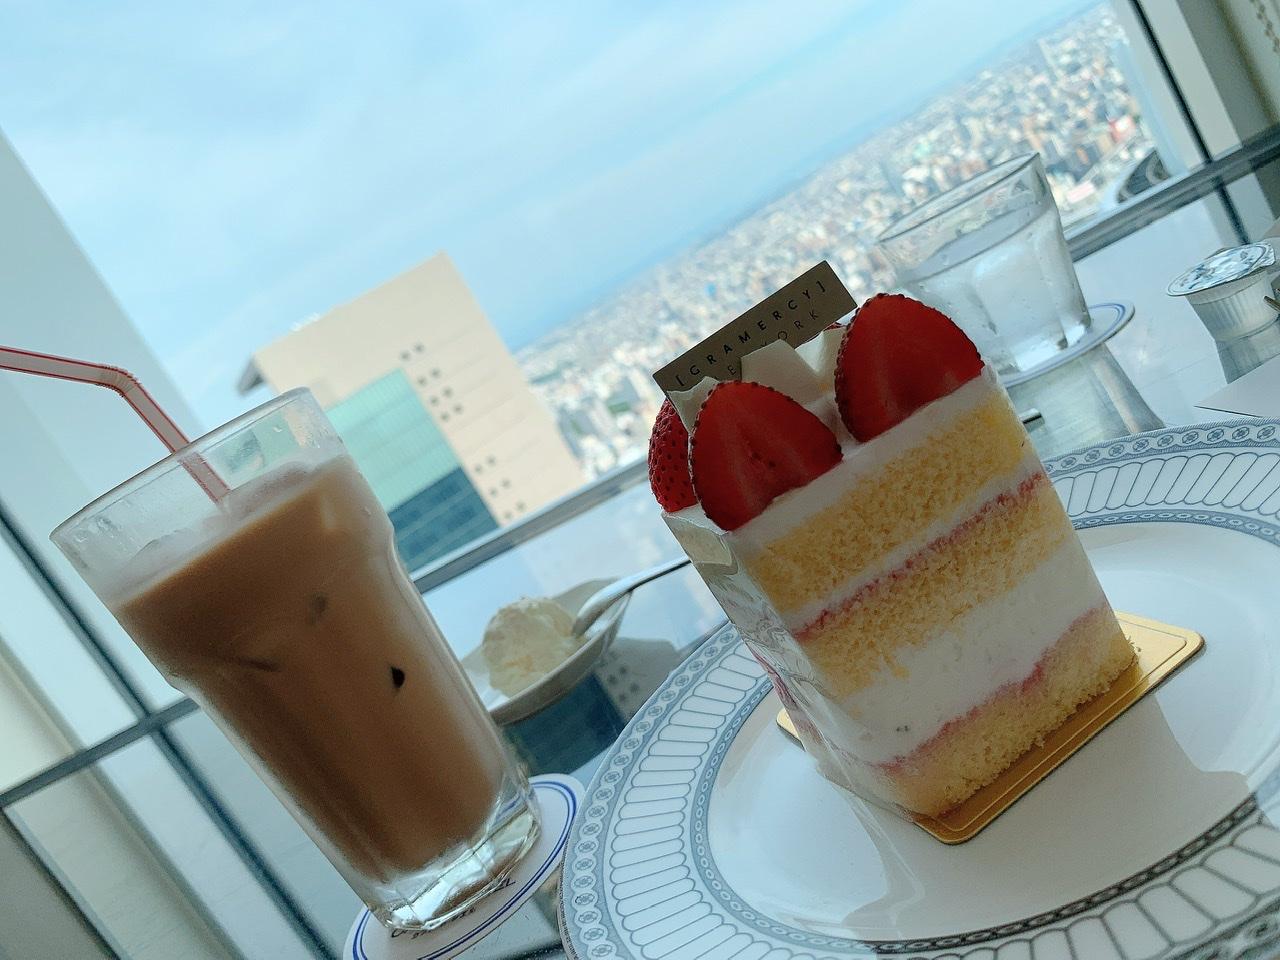 【名古屋一景色の良いcafe:カフェ ド シエル】in高島屋の51階_3